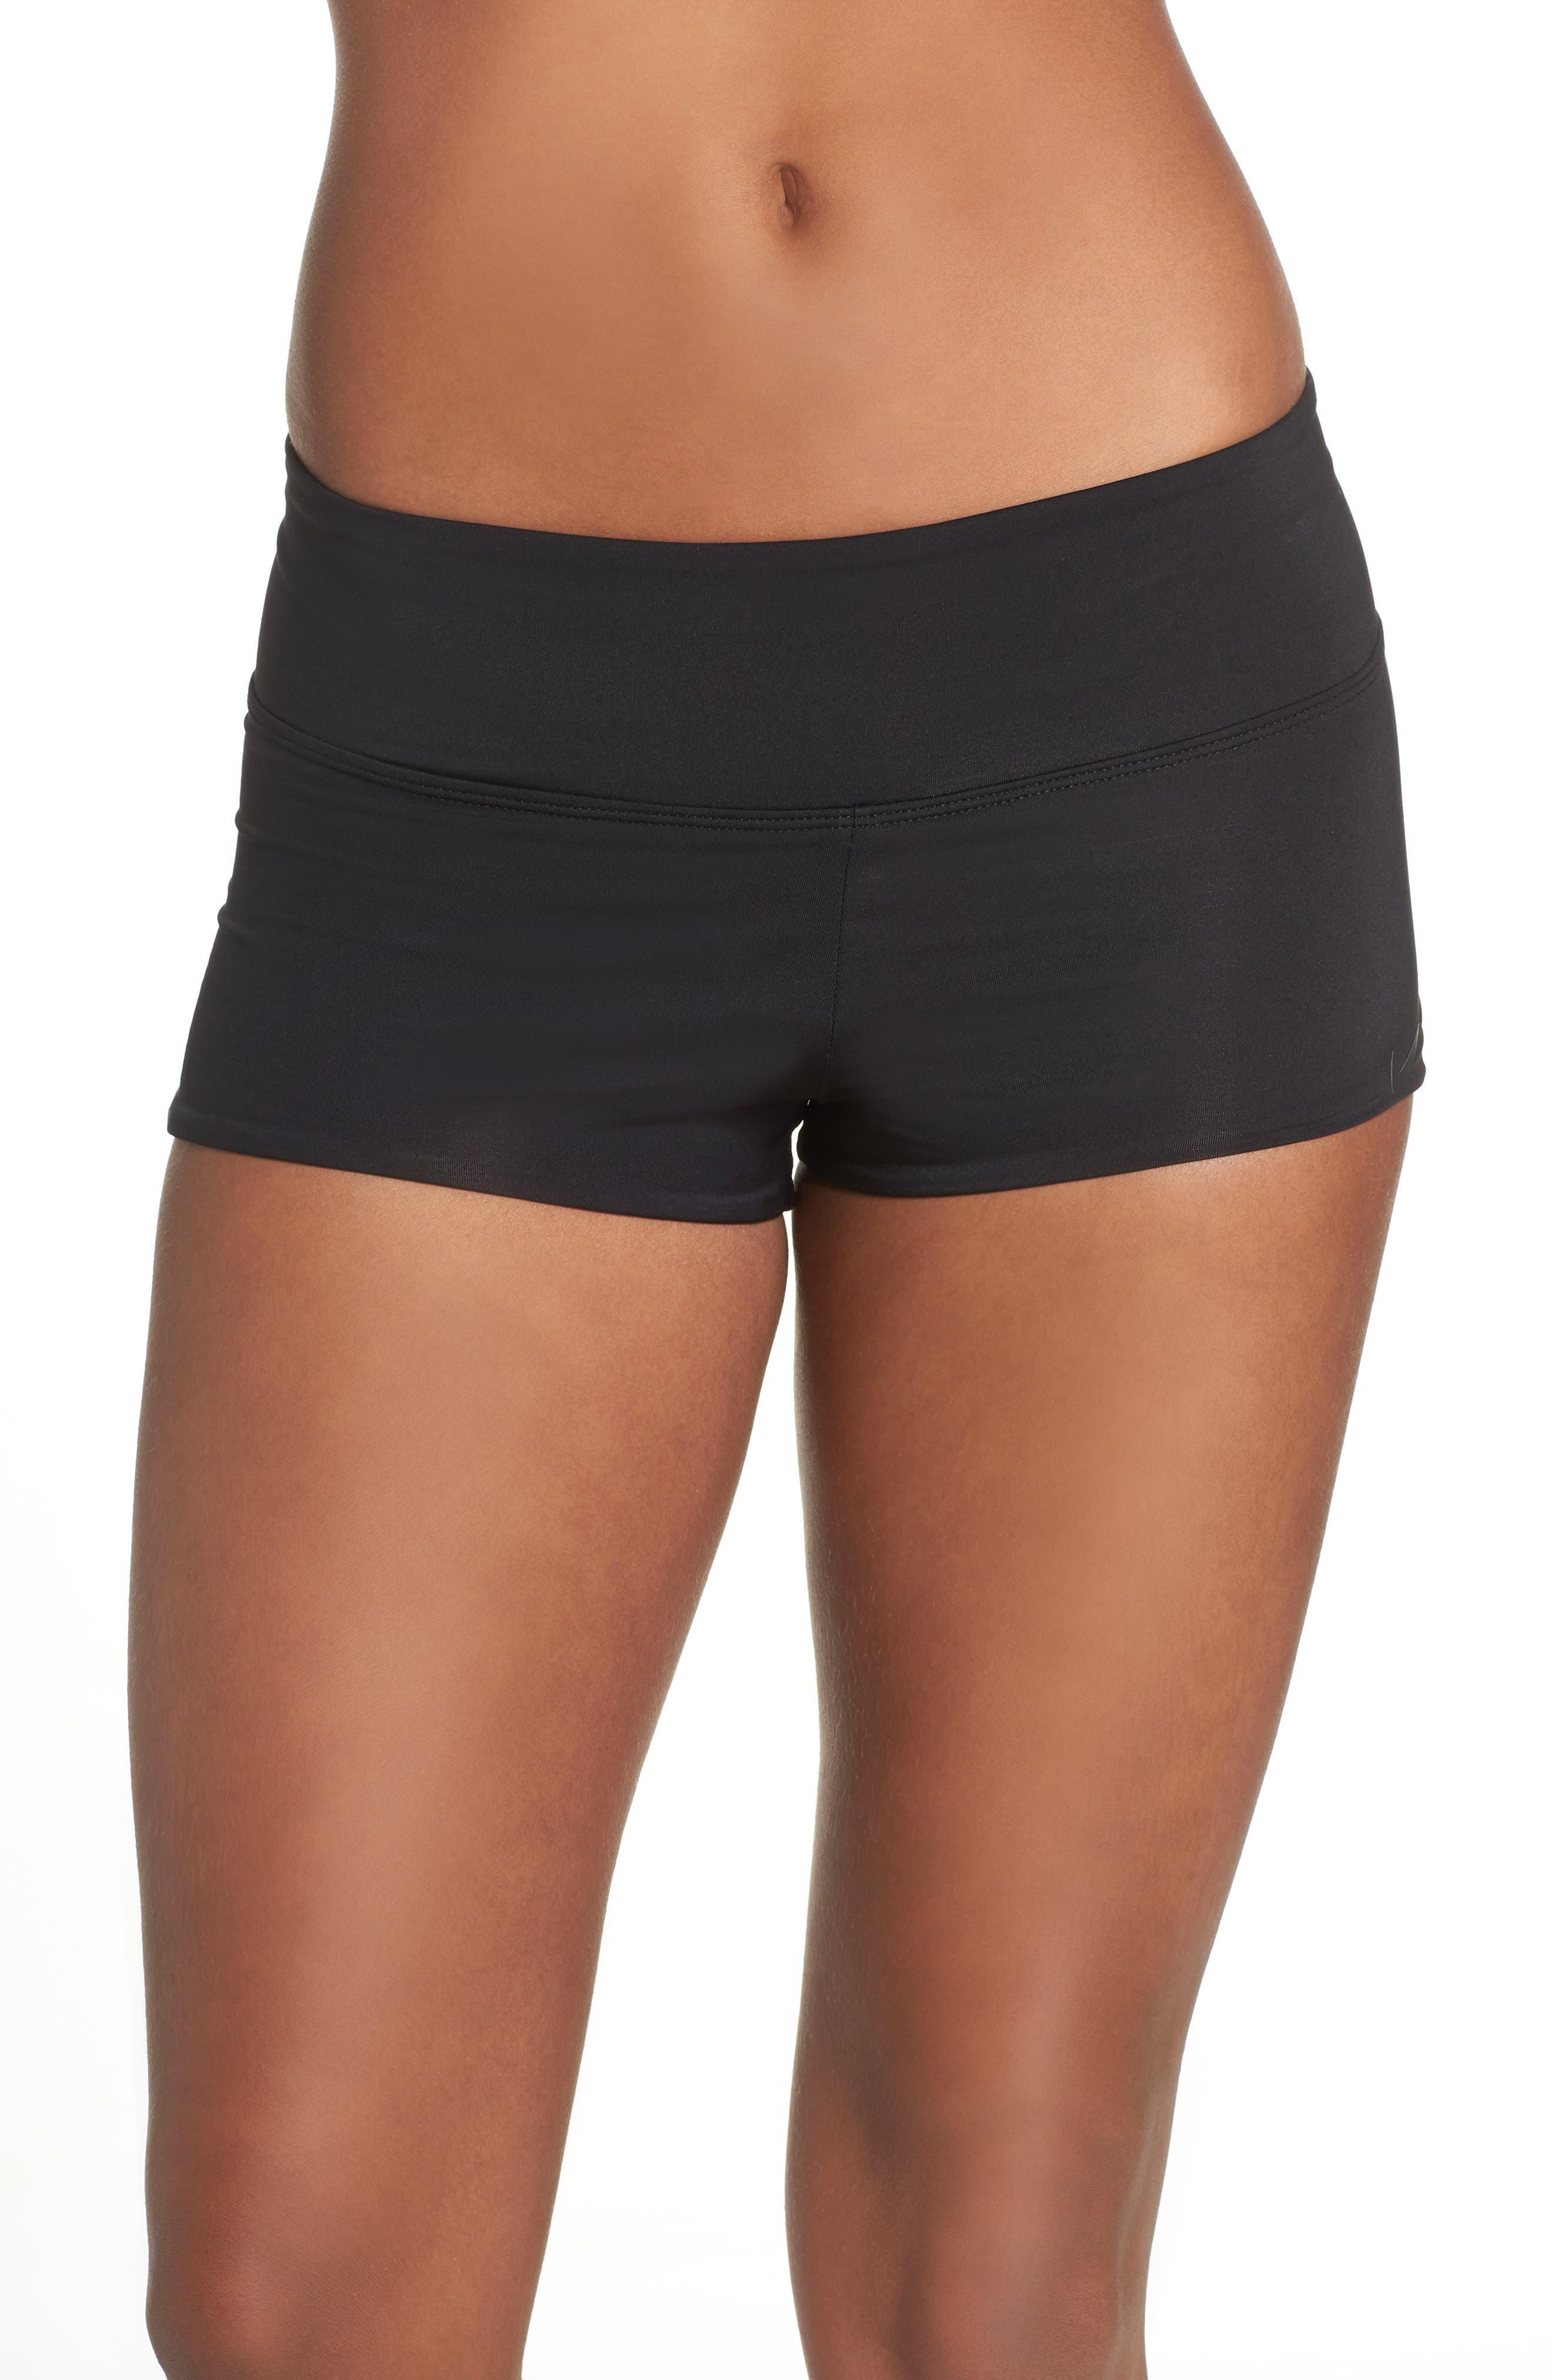 NIKE, Kick Swim Shorts, Main thumbnail 1, color, BLACK